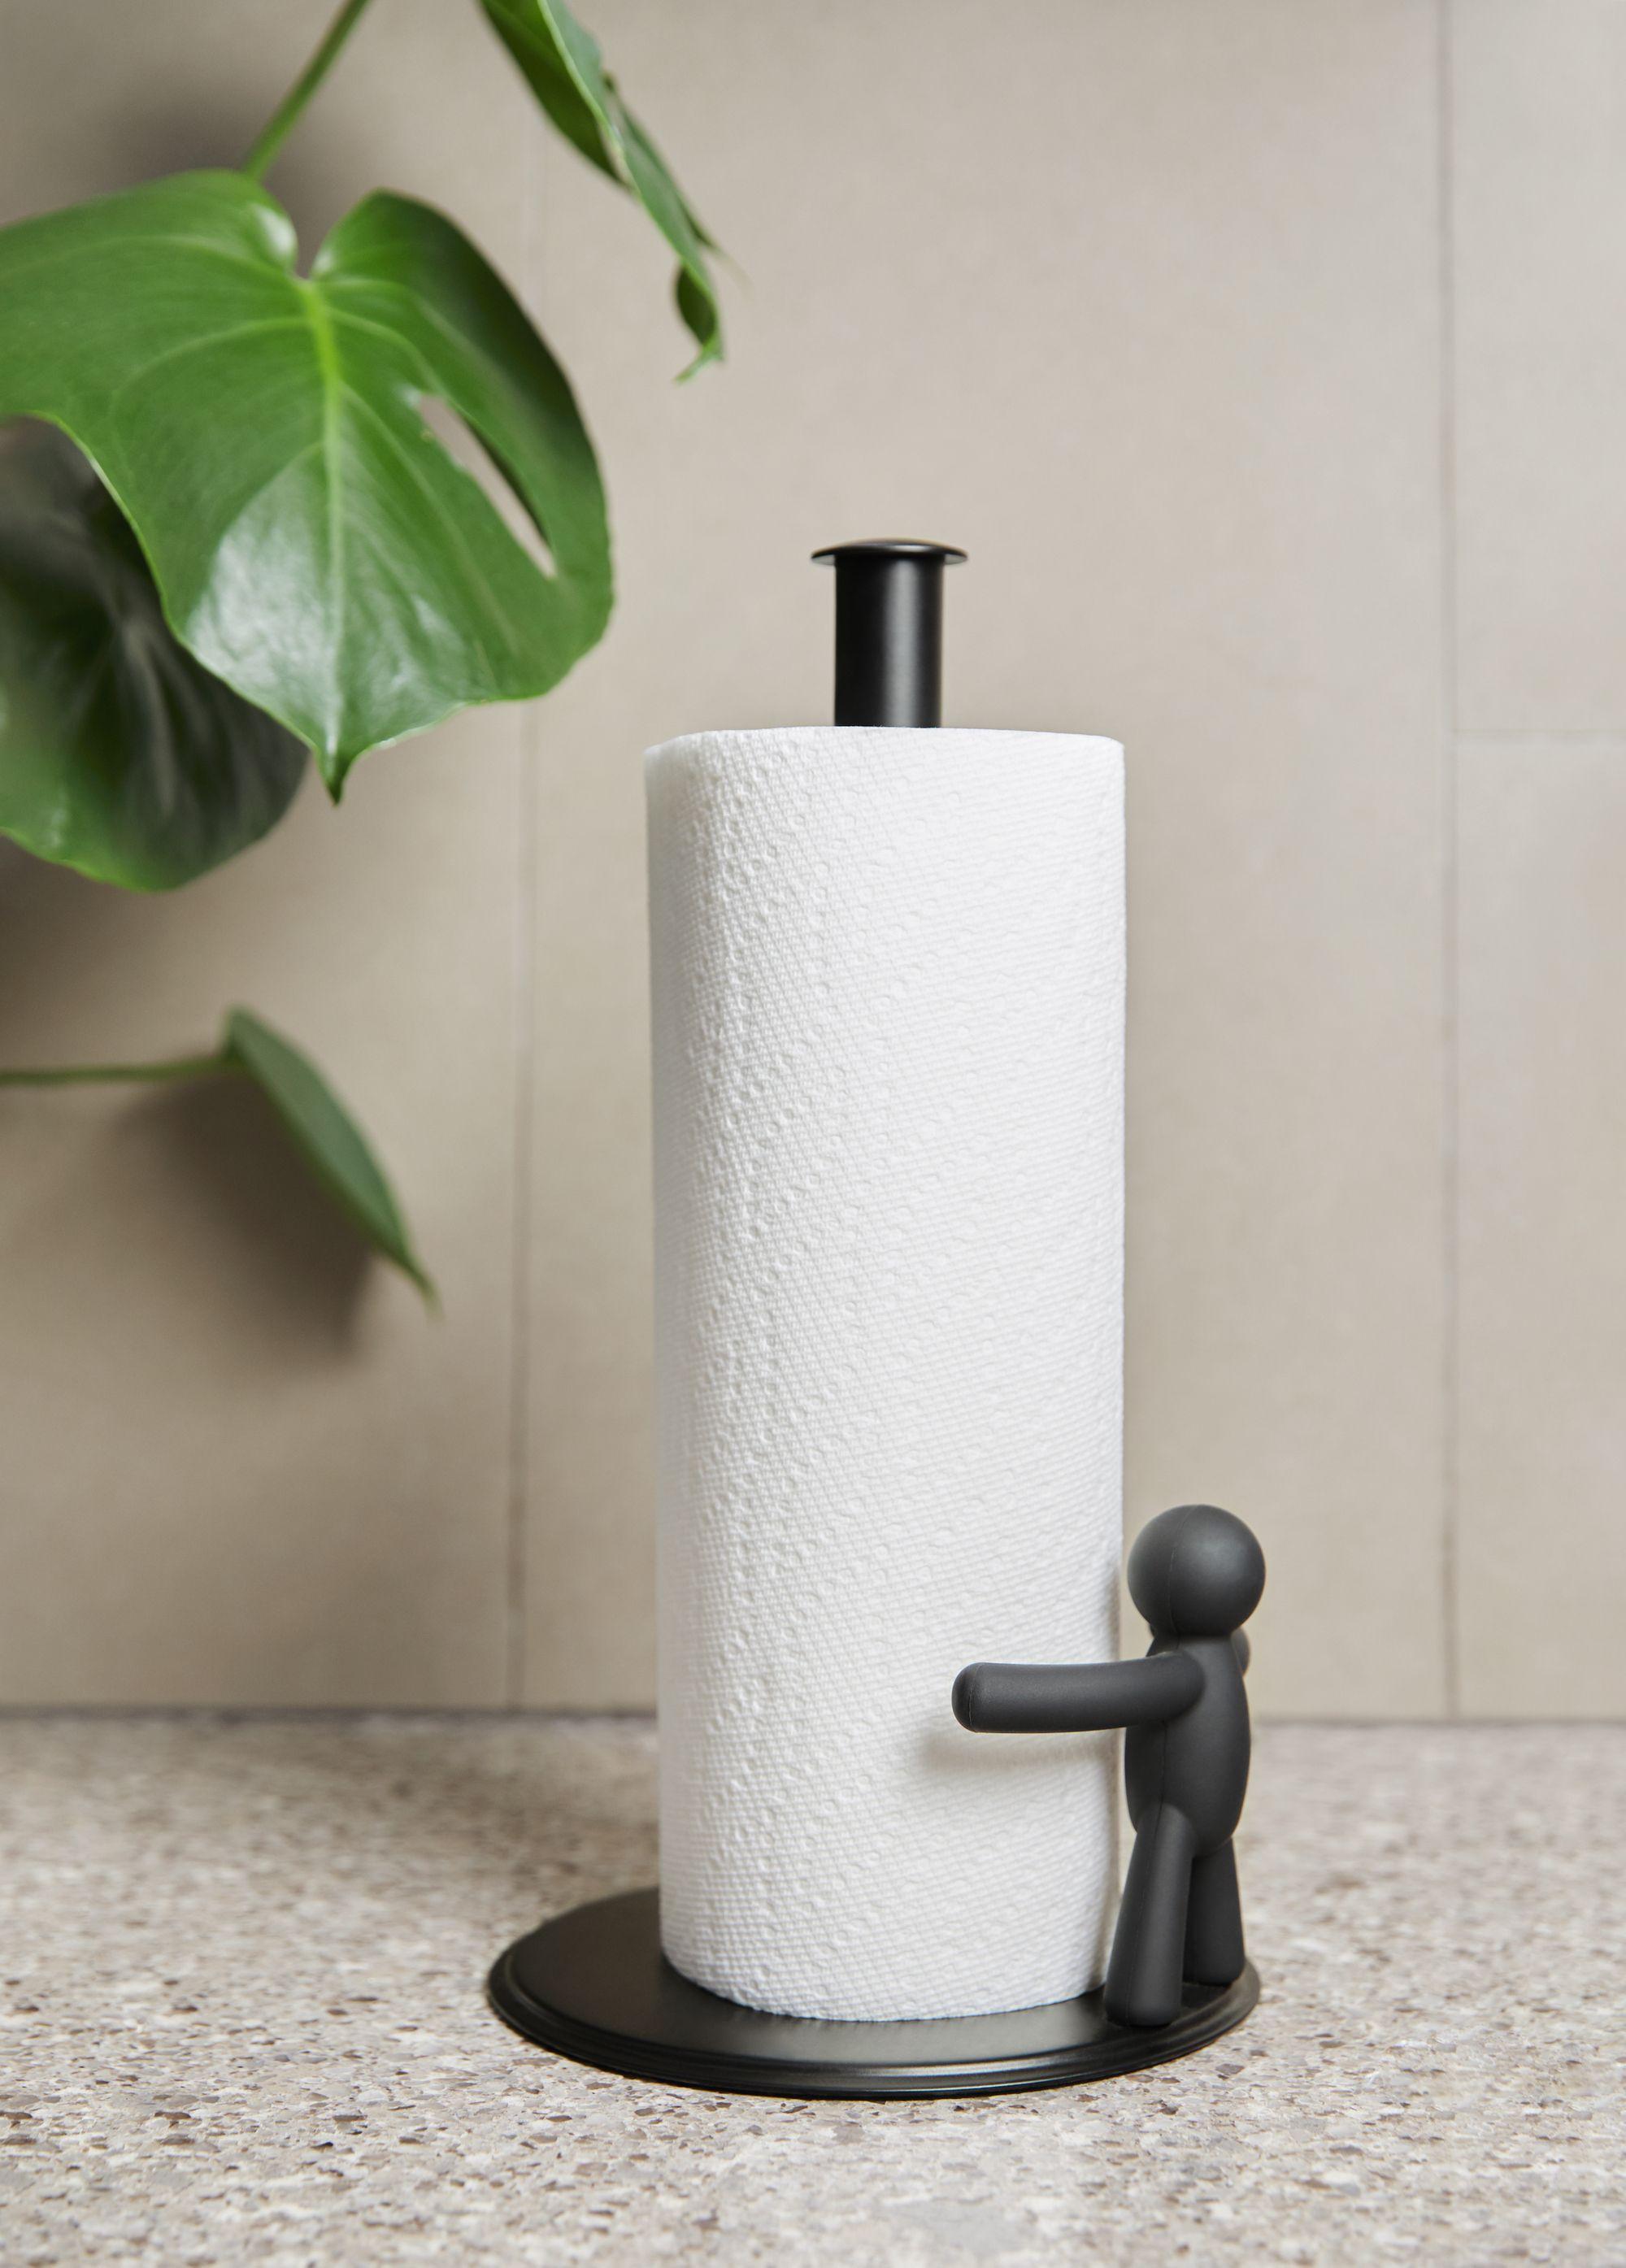 Buddy Paper Towel Holder Paper Towel Holder Towel Holder